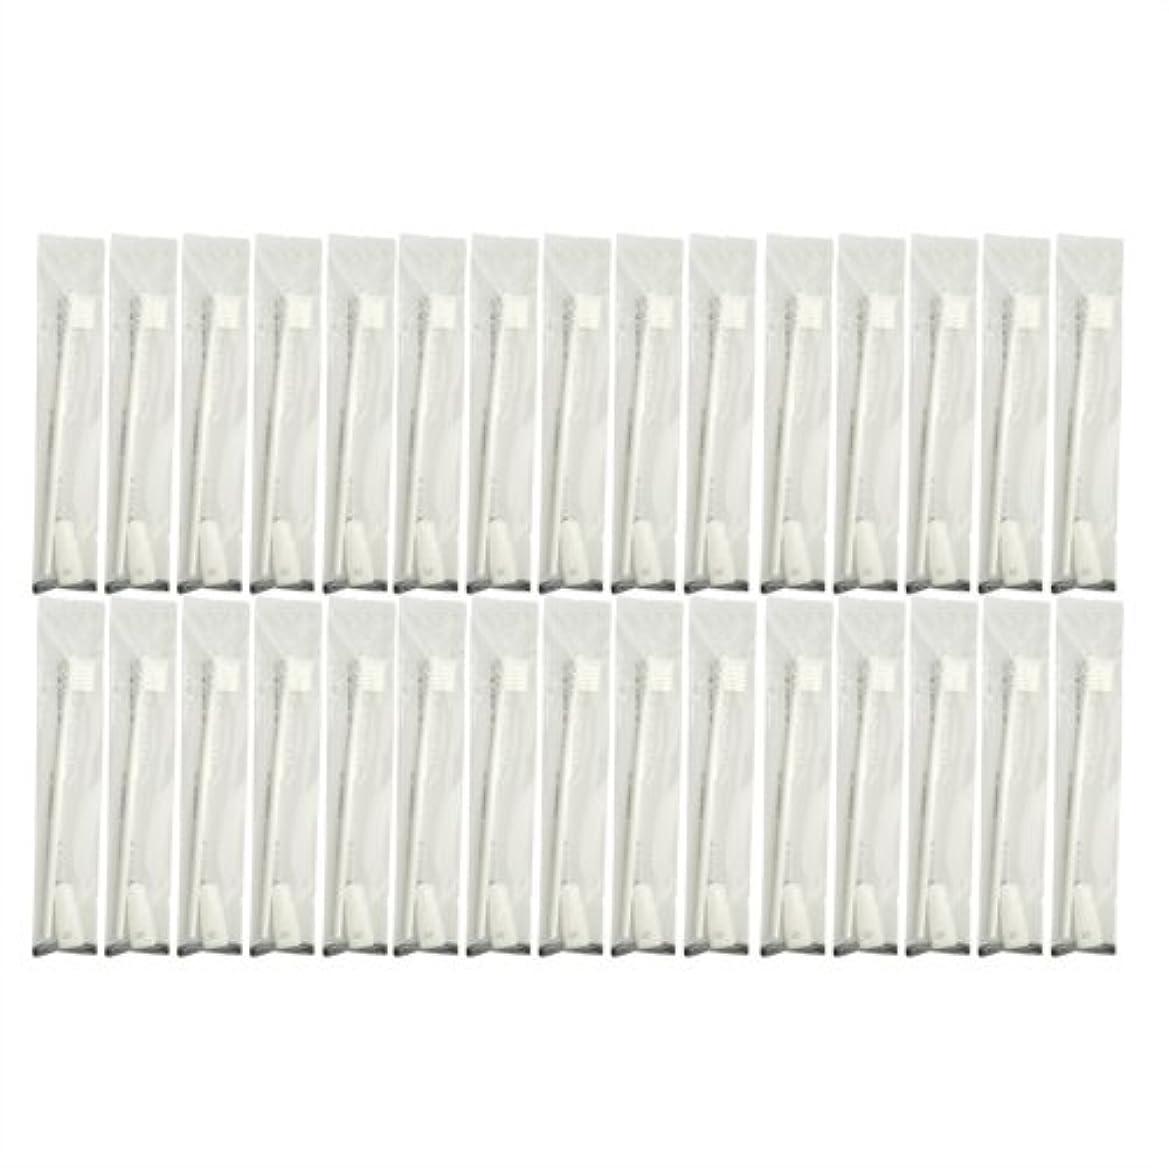 案件温かい会う業務用 使い捨て歯ブラシ チューブ歯磨き粉(3g)付き ホワイト 30本セット│ホテルアメニティ 個包装タイプ